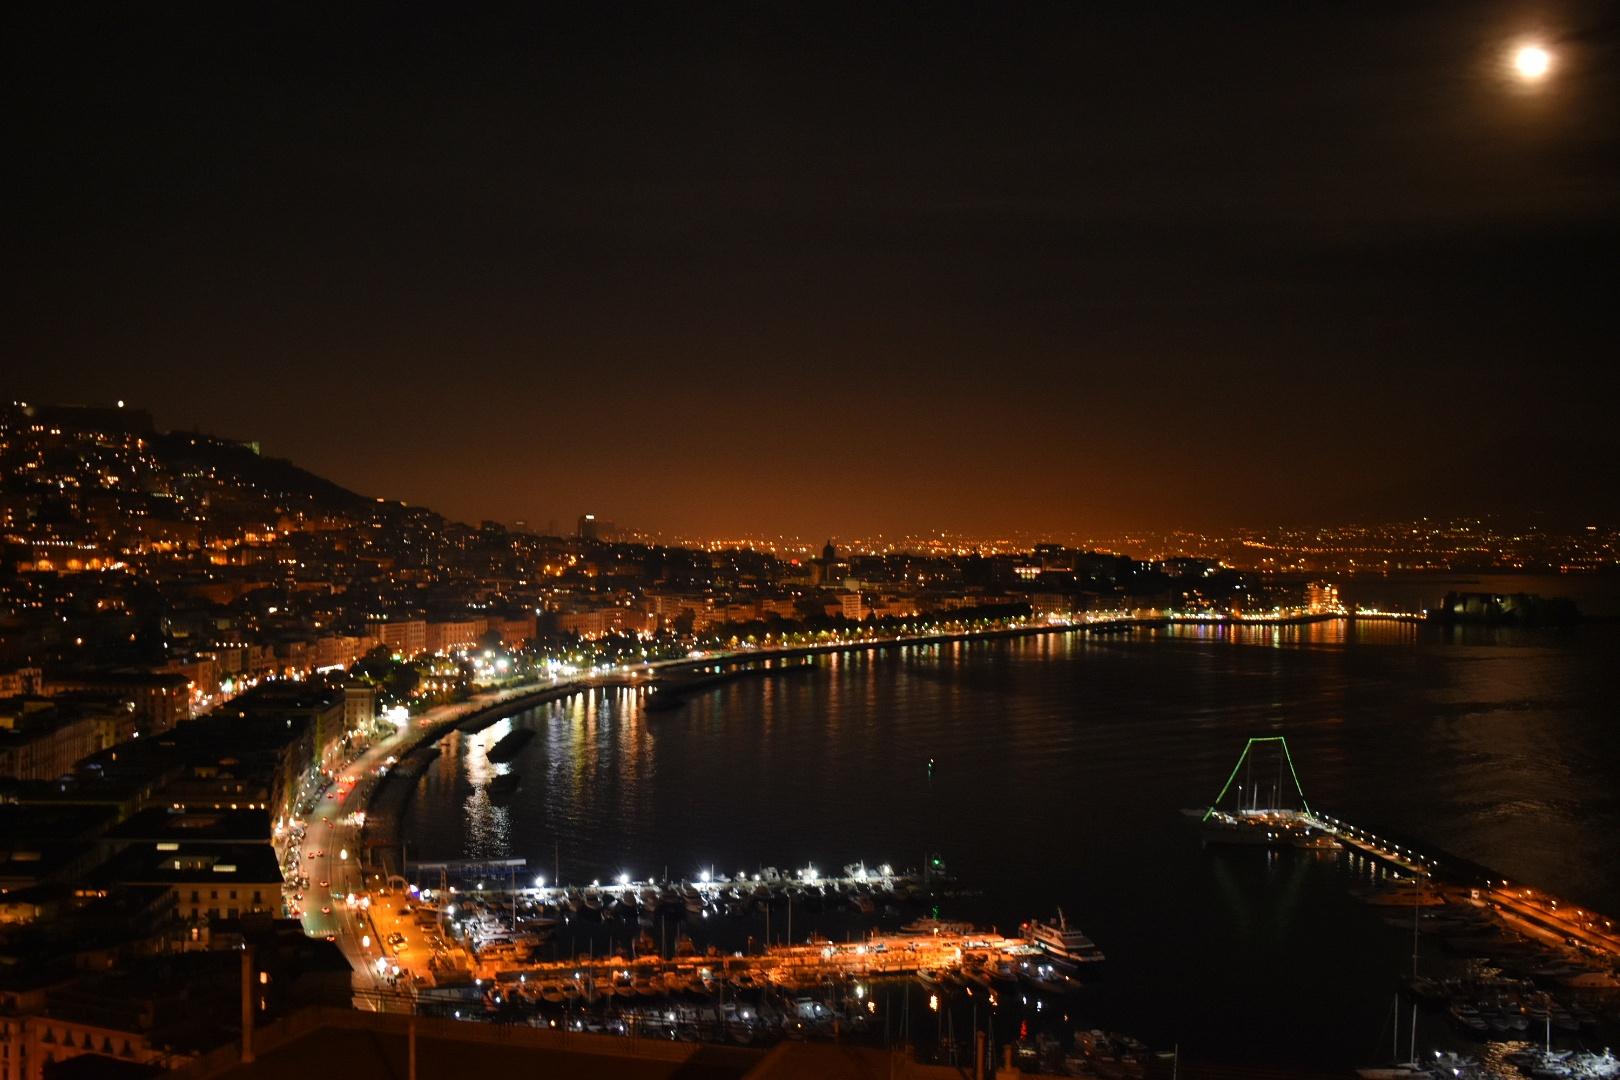 Notte Di Napoli Sprea Fotografia